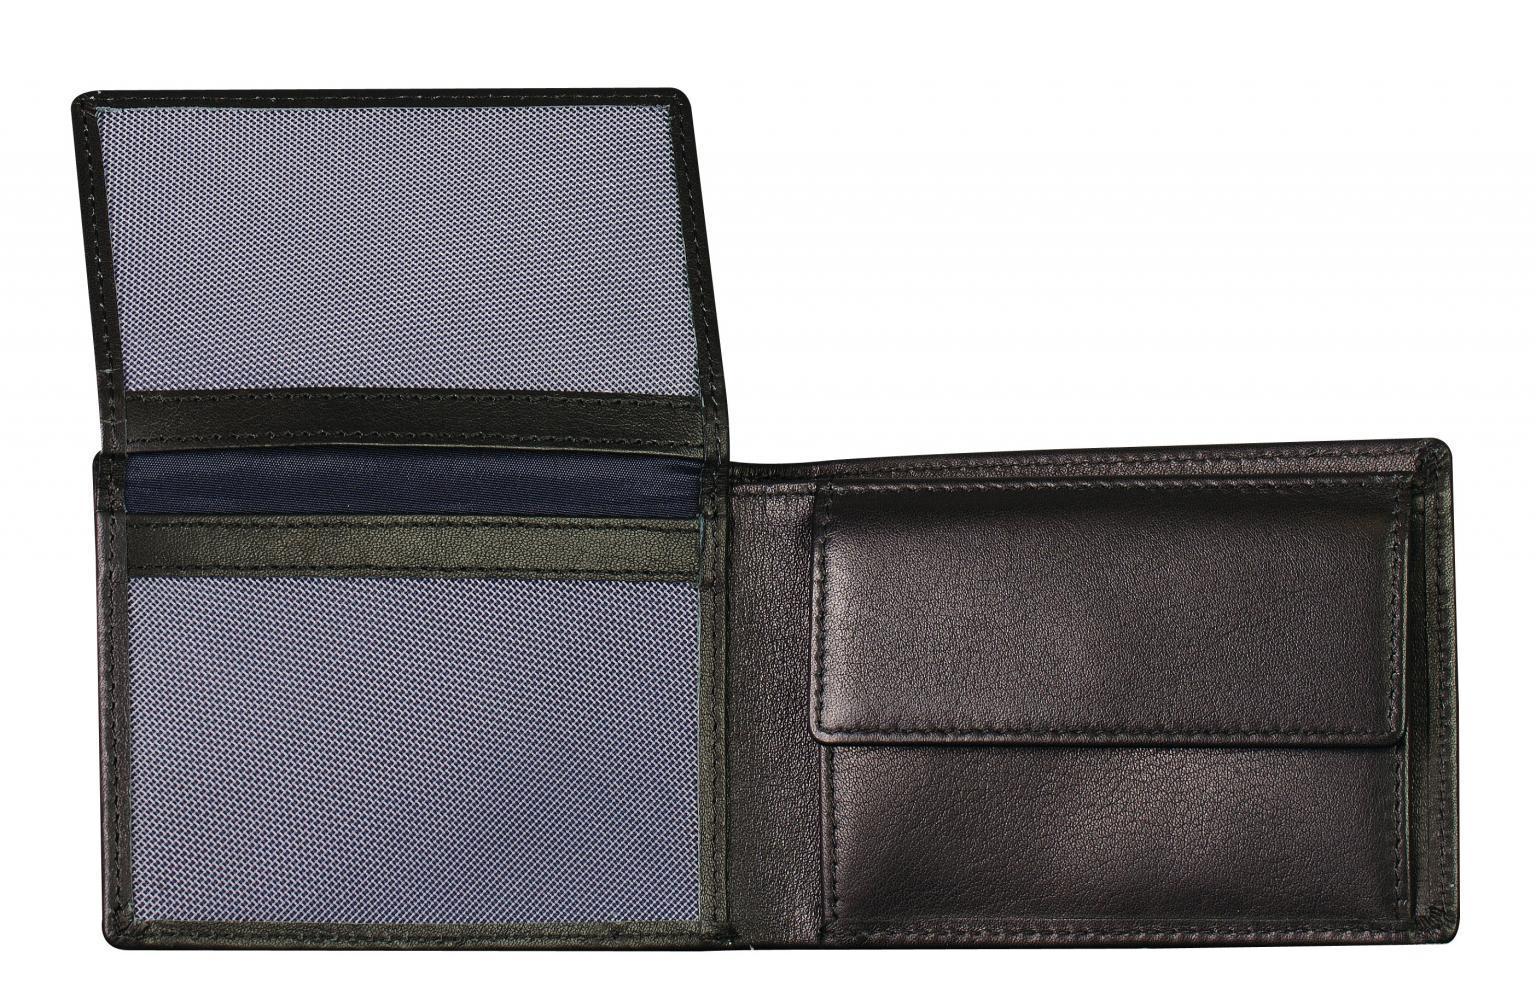 Geldtasche Herren Maitre F3 Gerold BillFold schwarz RFID Safe